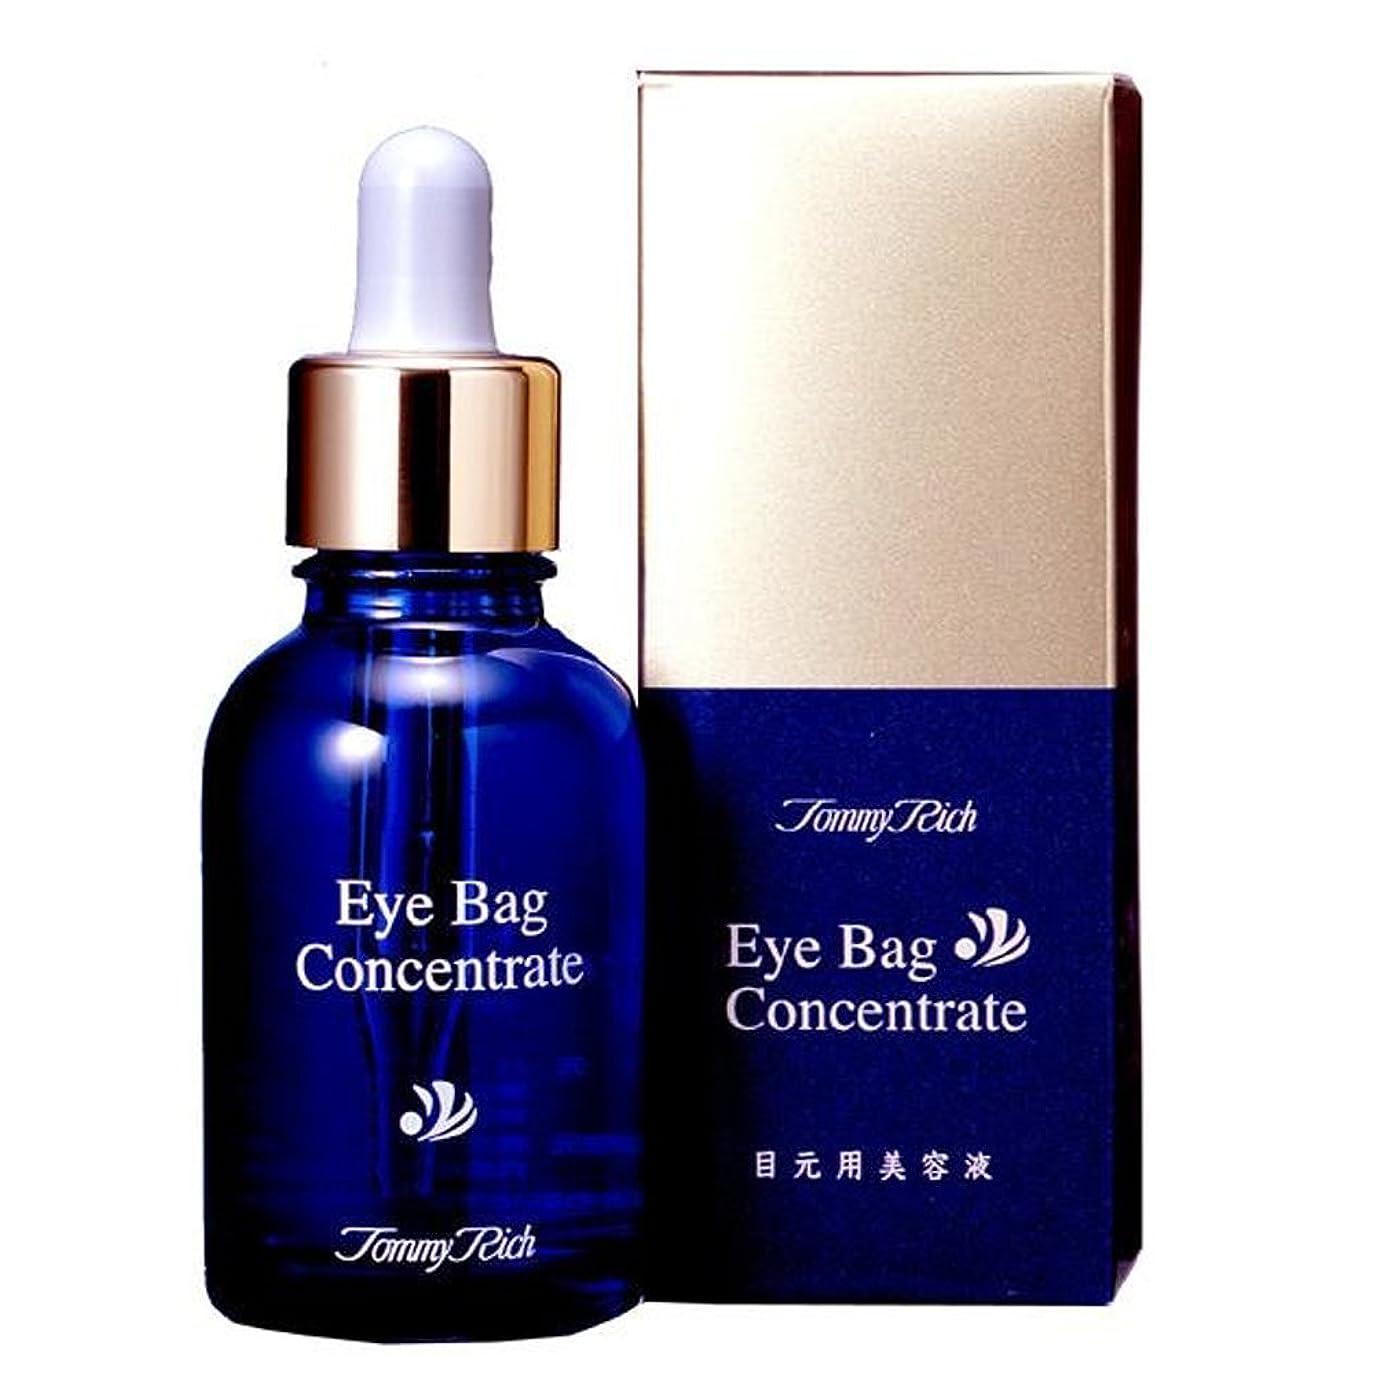 確認暴力的な抵抗力がある目の下のタルミ、目袋専用美容液アイバッグコンセントレイト